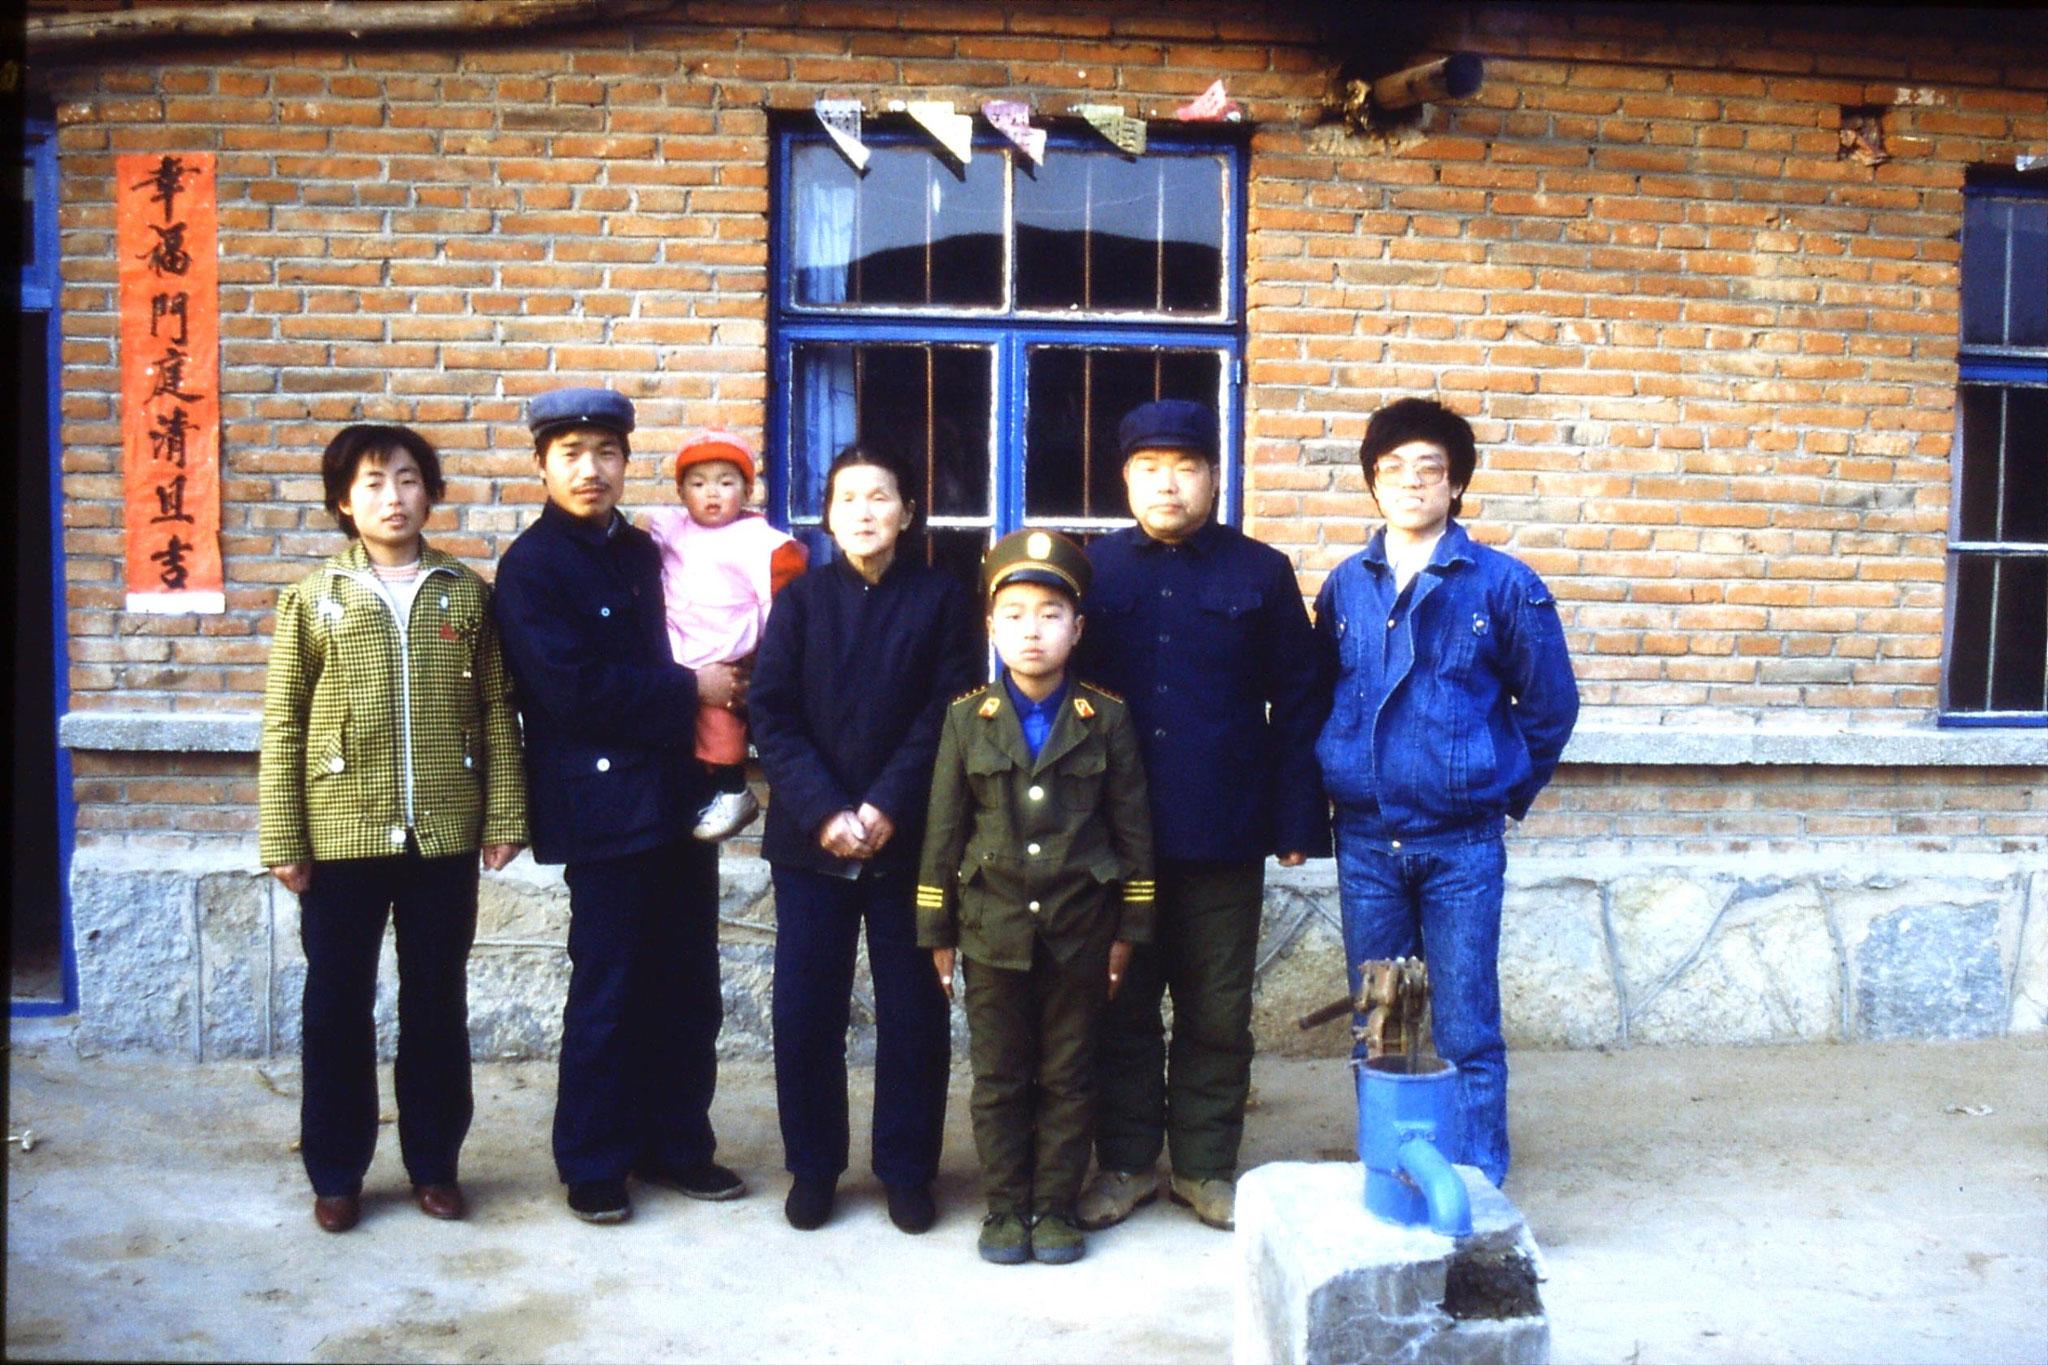 16/2/1989: 13: Liu Bo's family